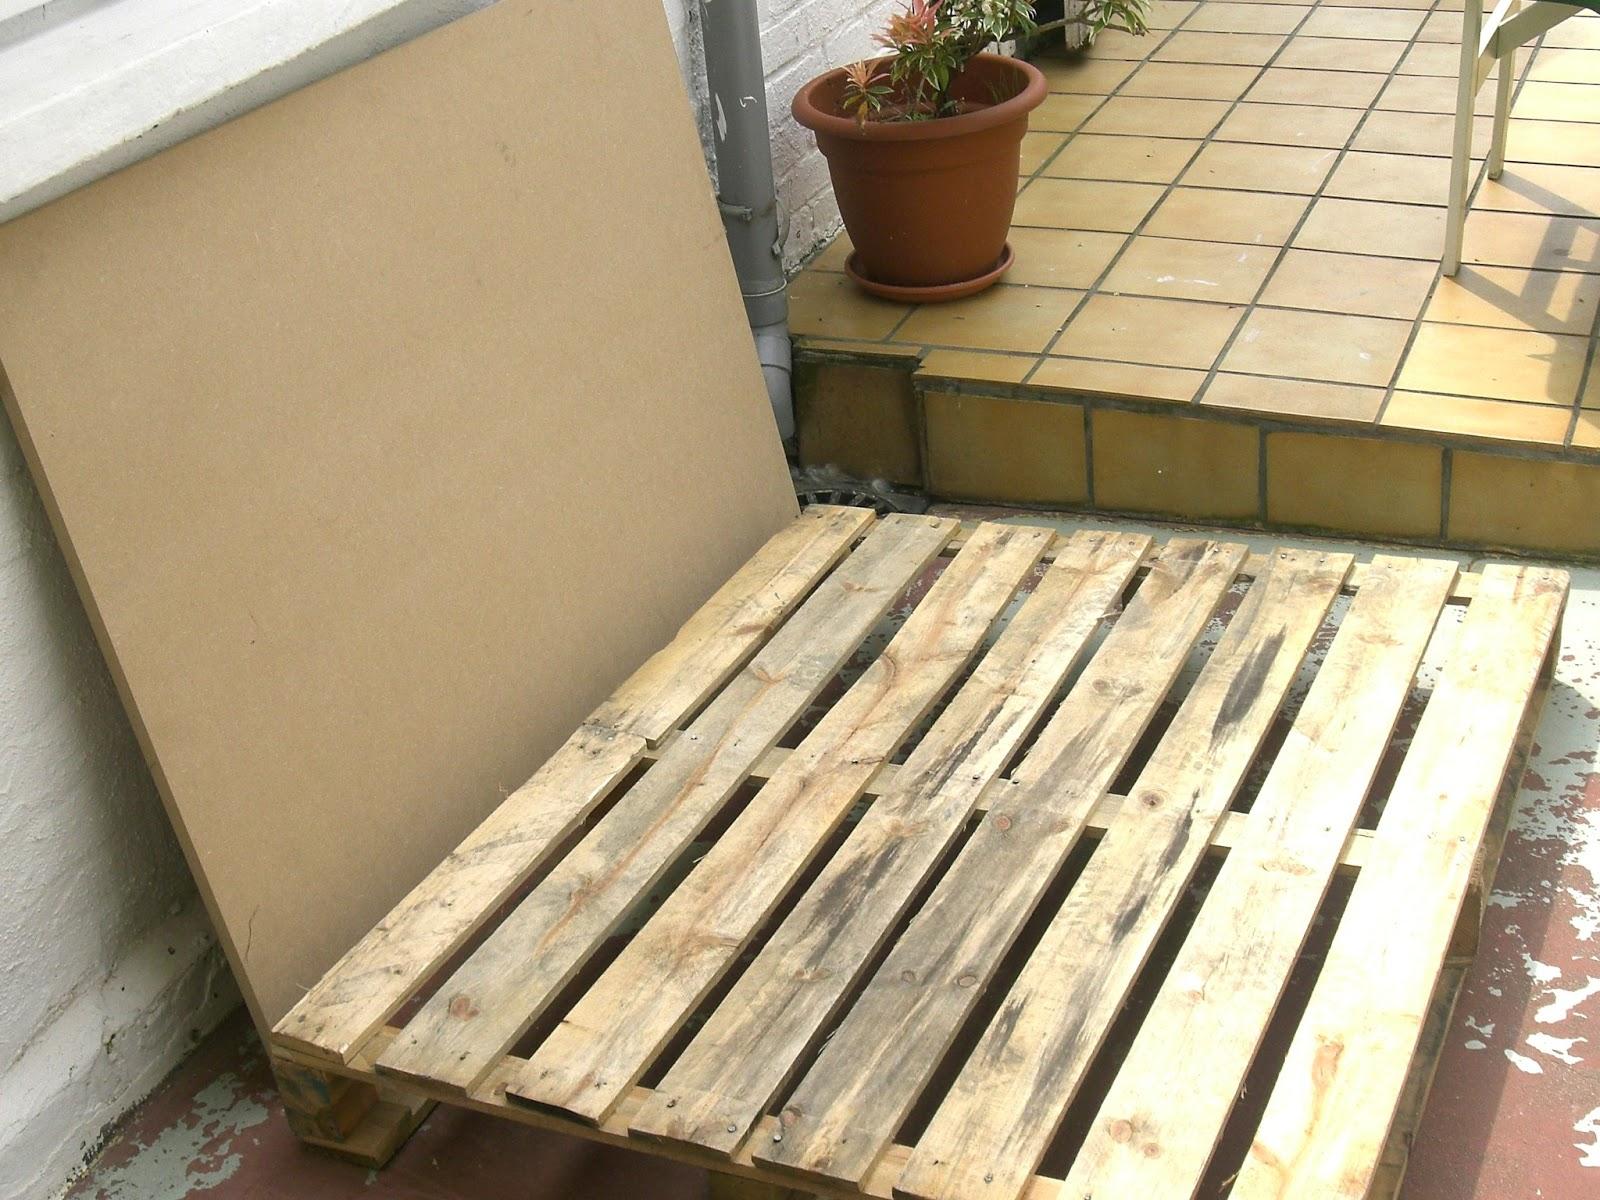 Gabulle in wonderland transformer une palette en table basse - Construire une table avec des palettes ...